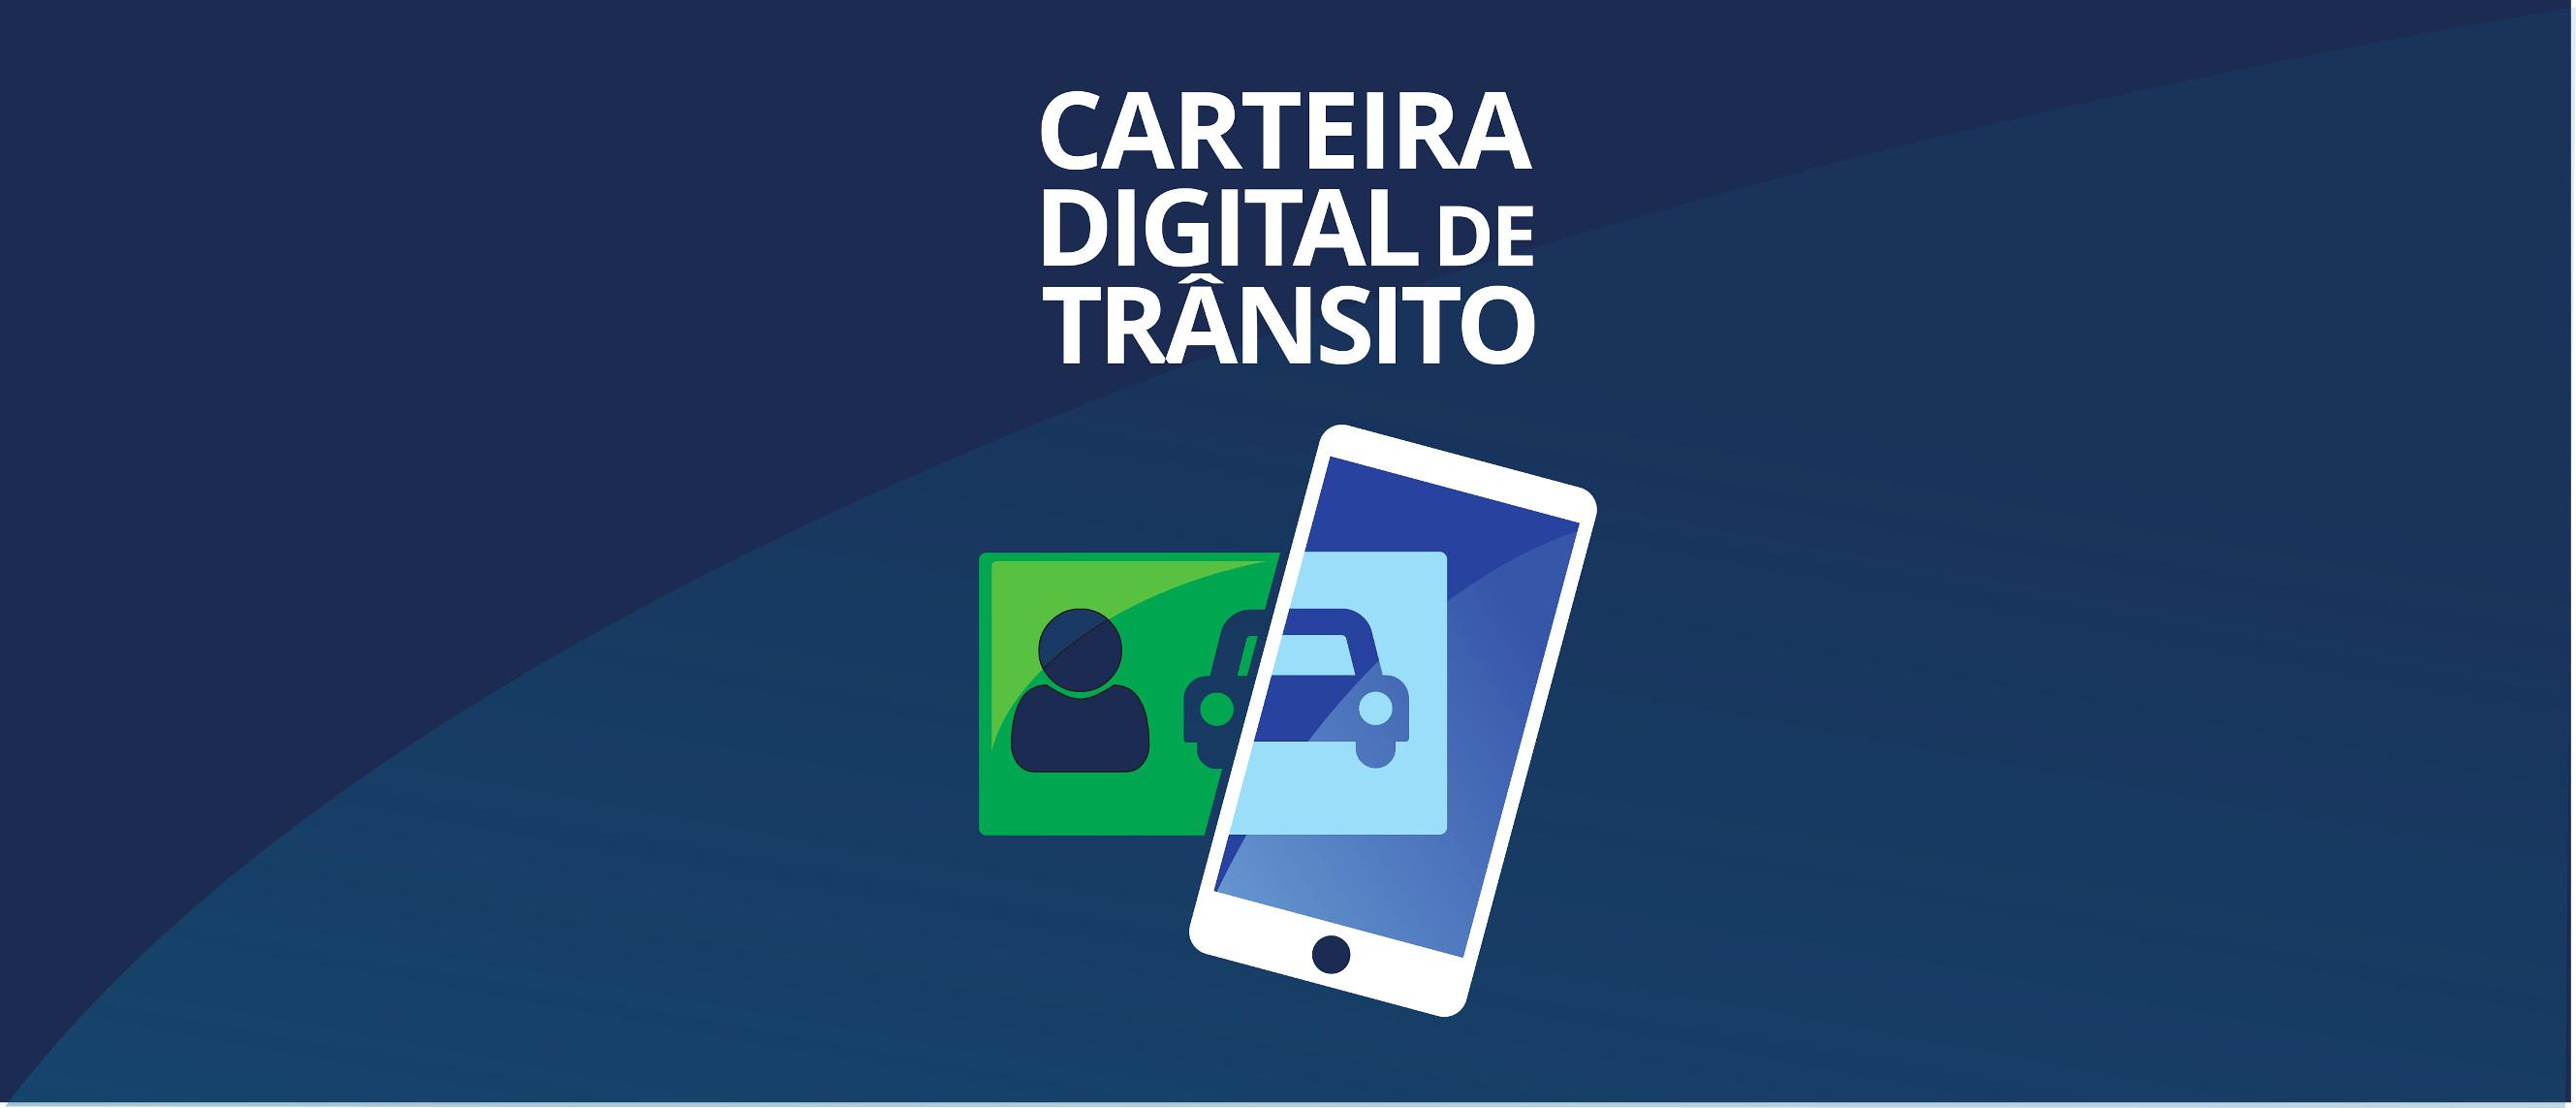 http://www.serpro.gov.br/menu/nosso-portfolio/por-publico/para-cidadao/cnh-digital-1